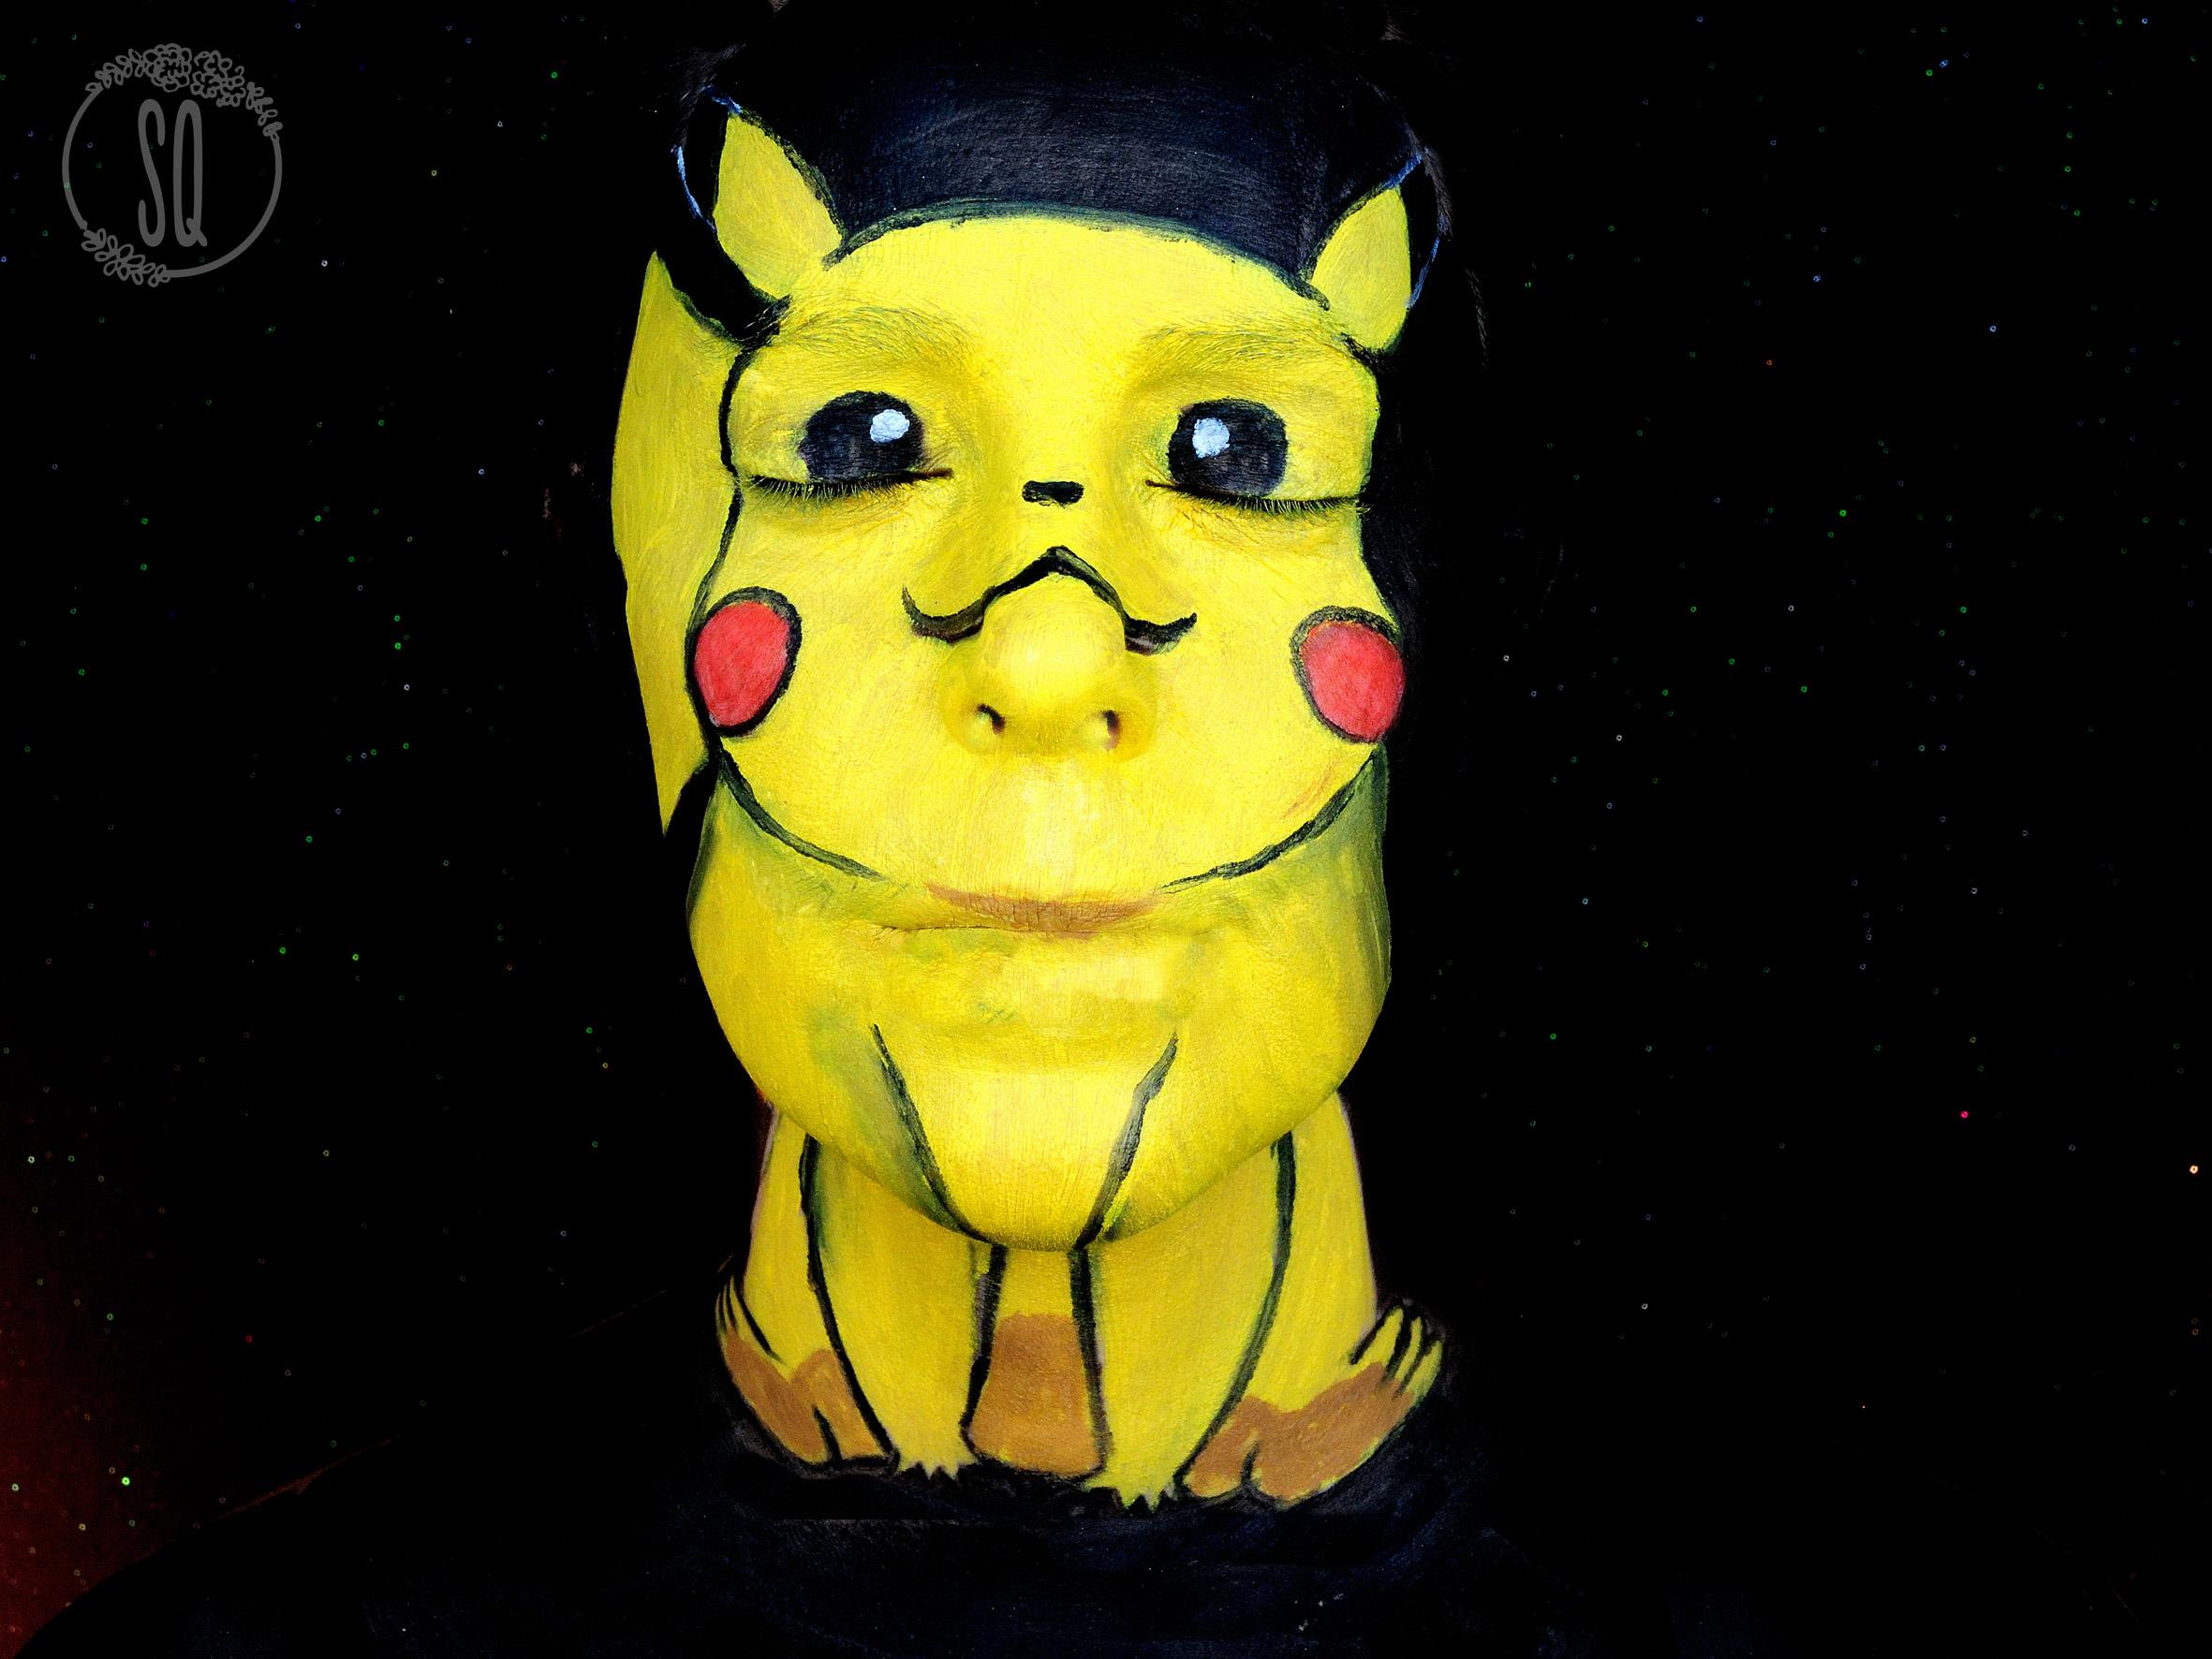 Pikachu face paint makeup tutorial silvia quirs pikachu face paint makeup tutorial baditri Choice Image